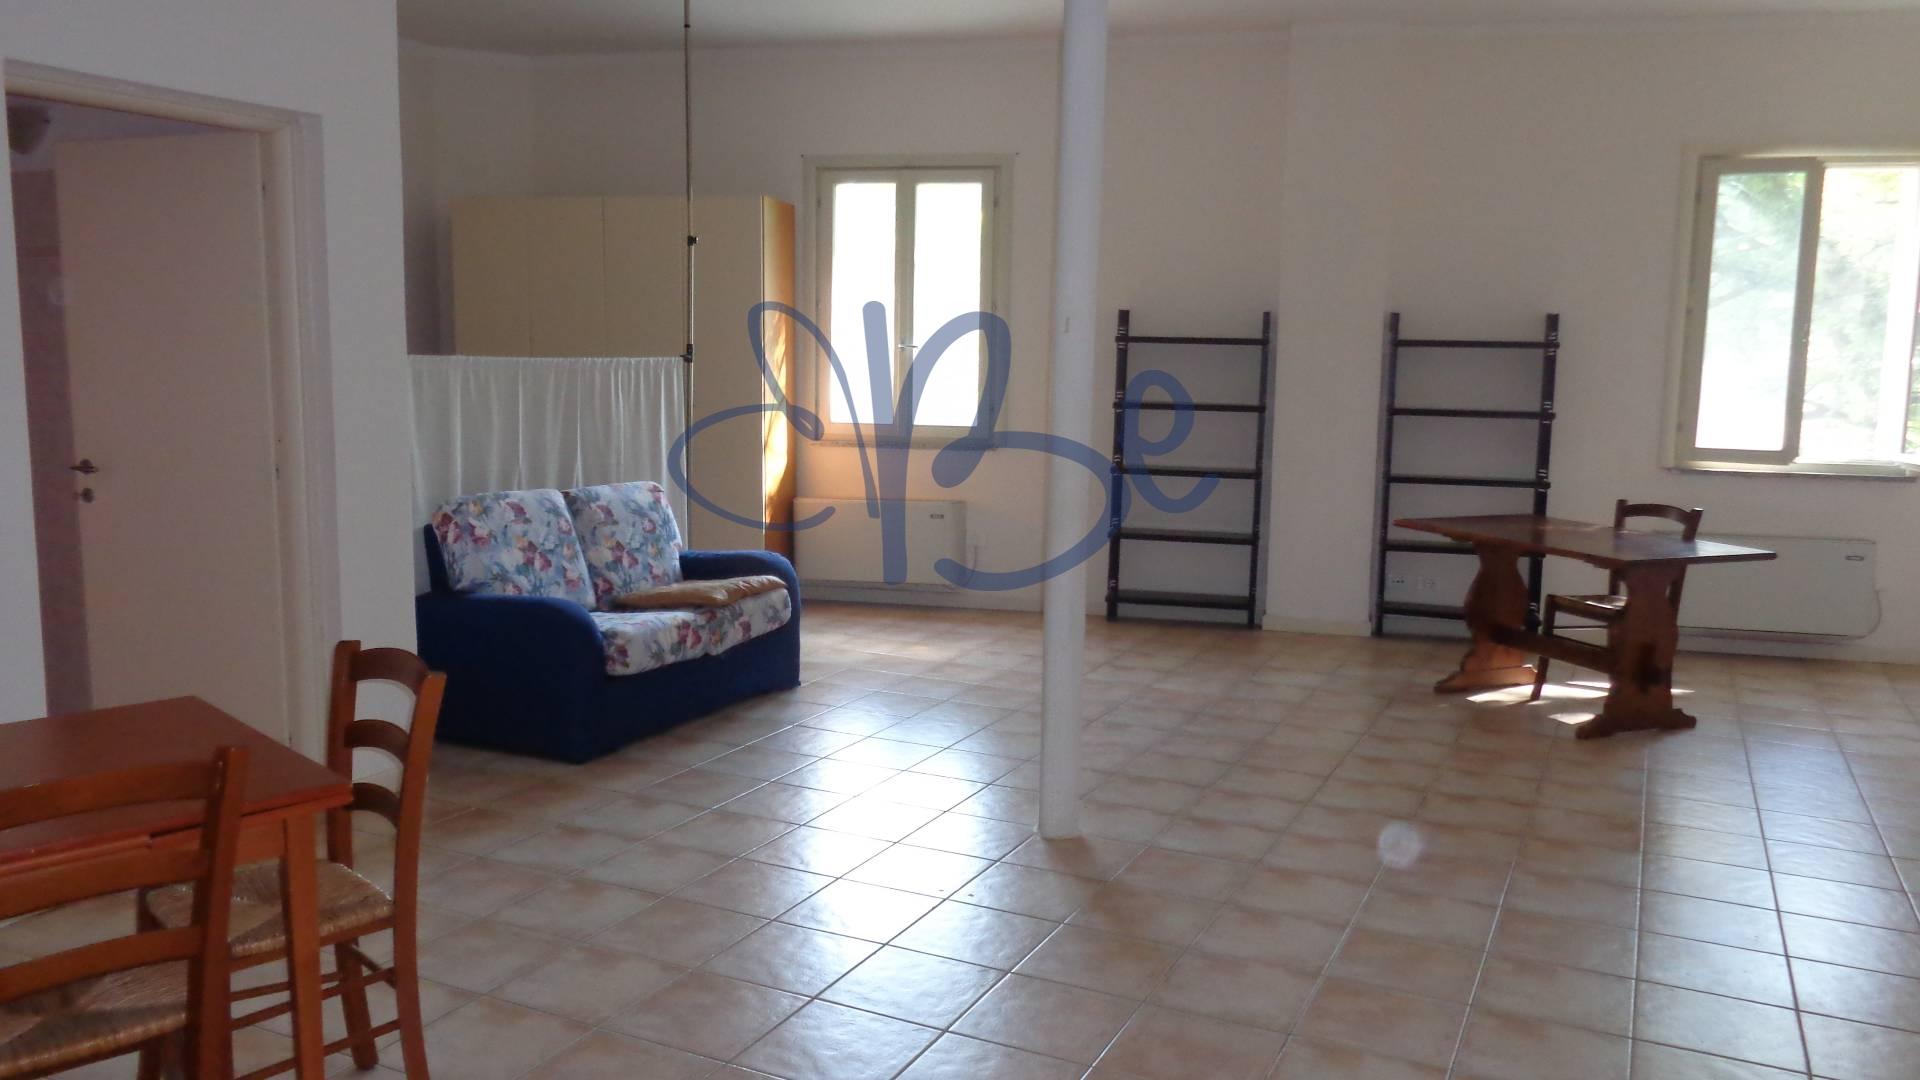 Appartamento in vendita a Roè Volciano, 1 locali, zona Zona: Roè, prezzo € 80.000 | Cambio Casa.it